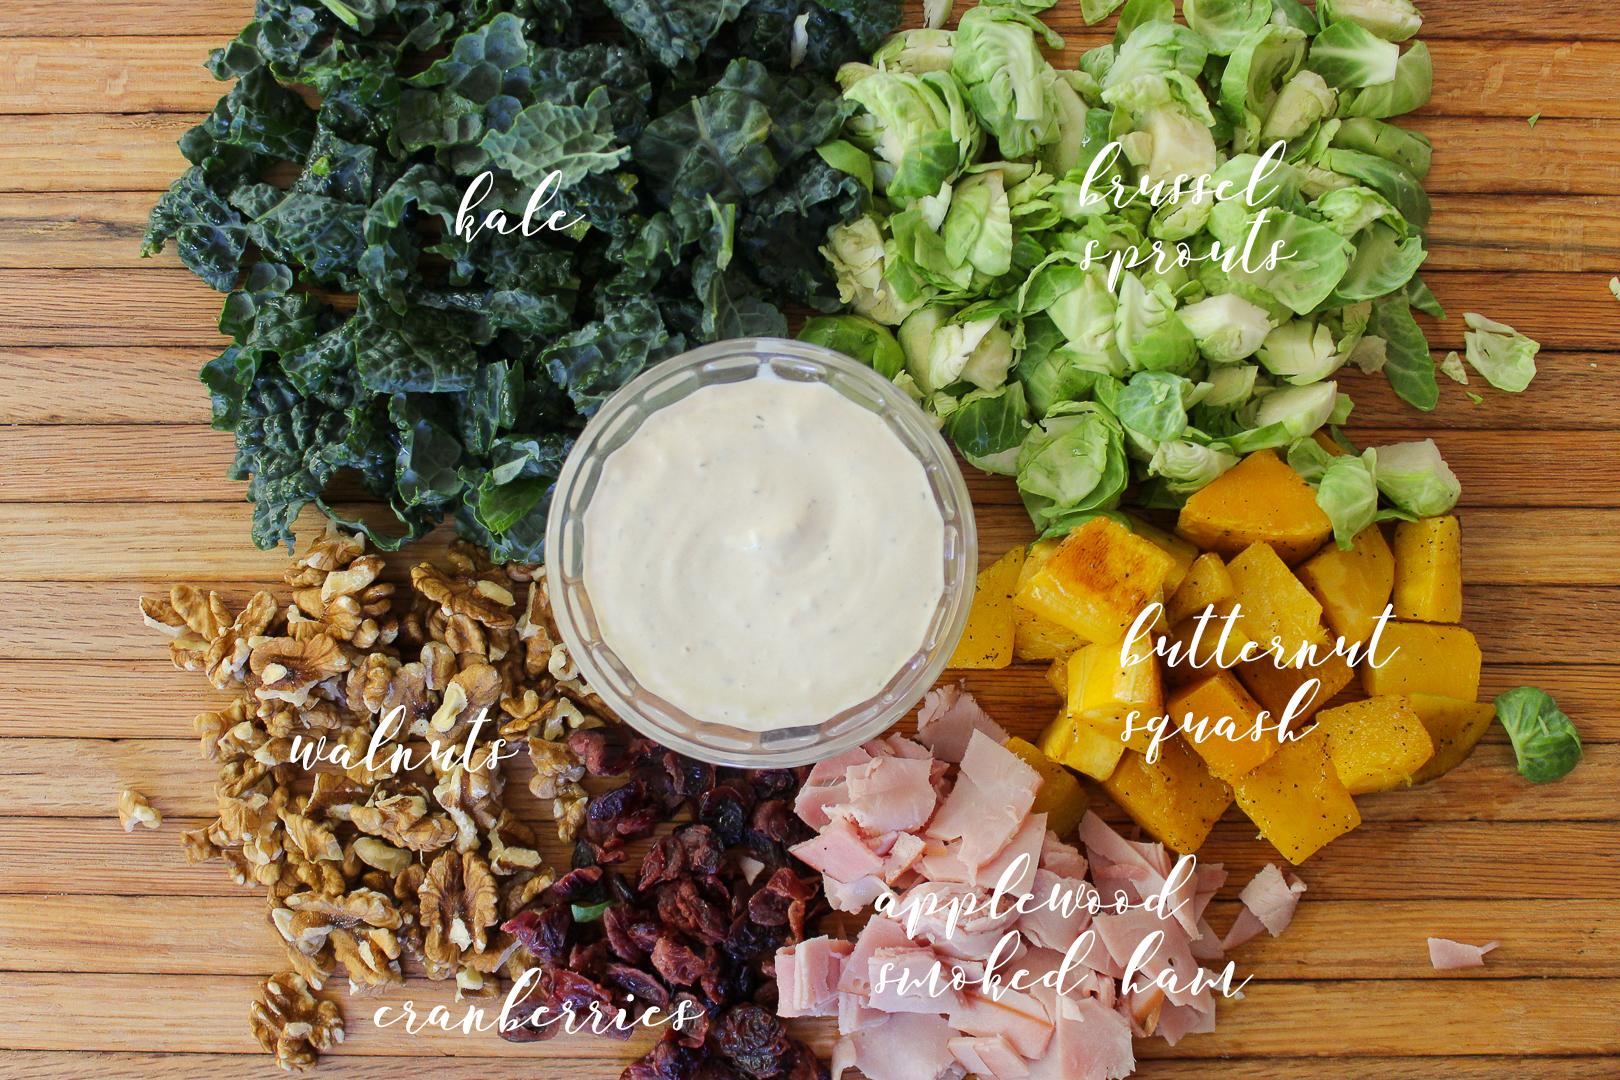 kaleingredients.jpg